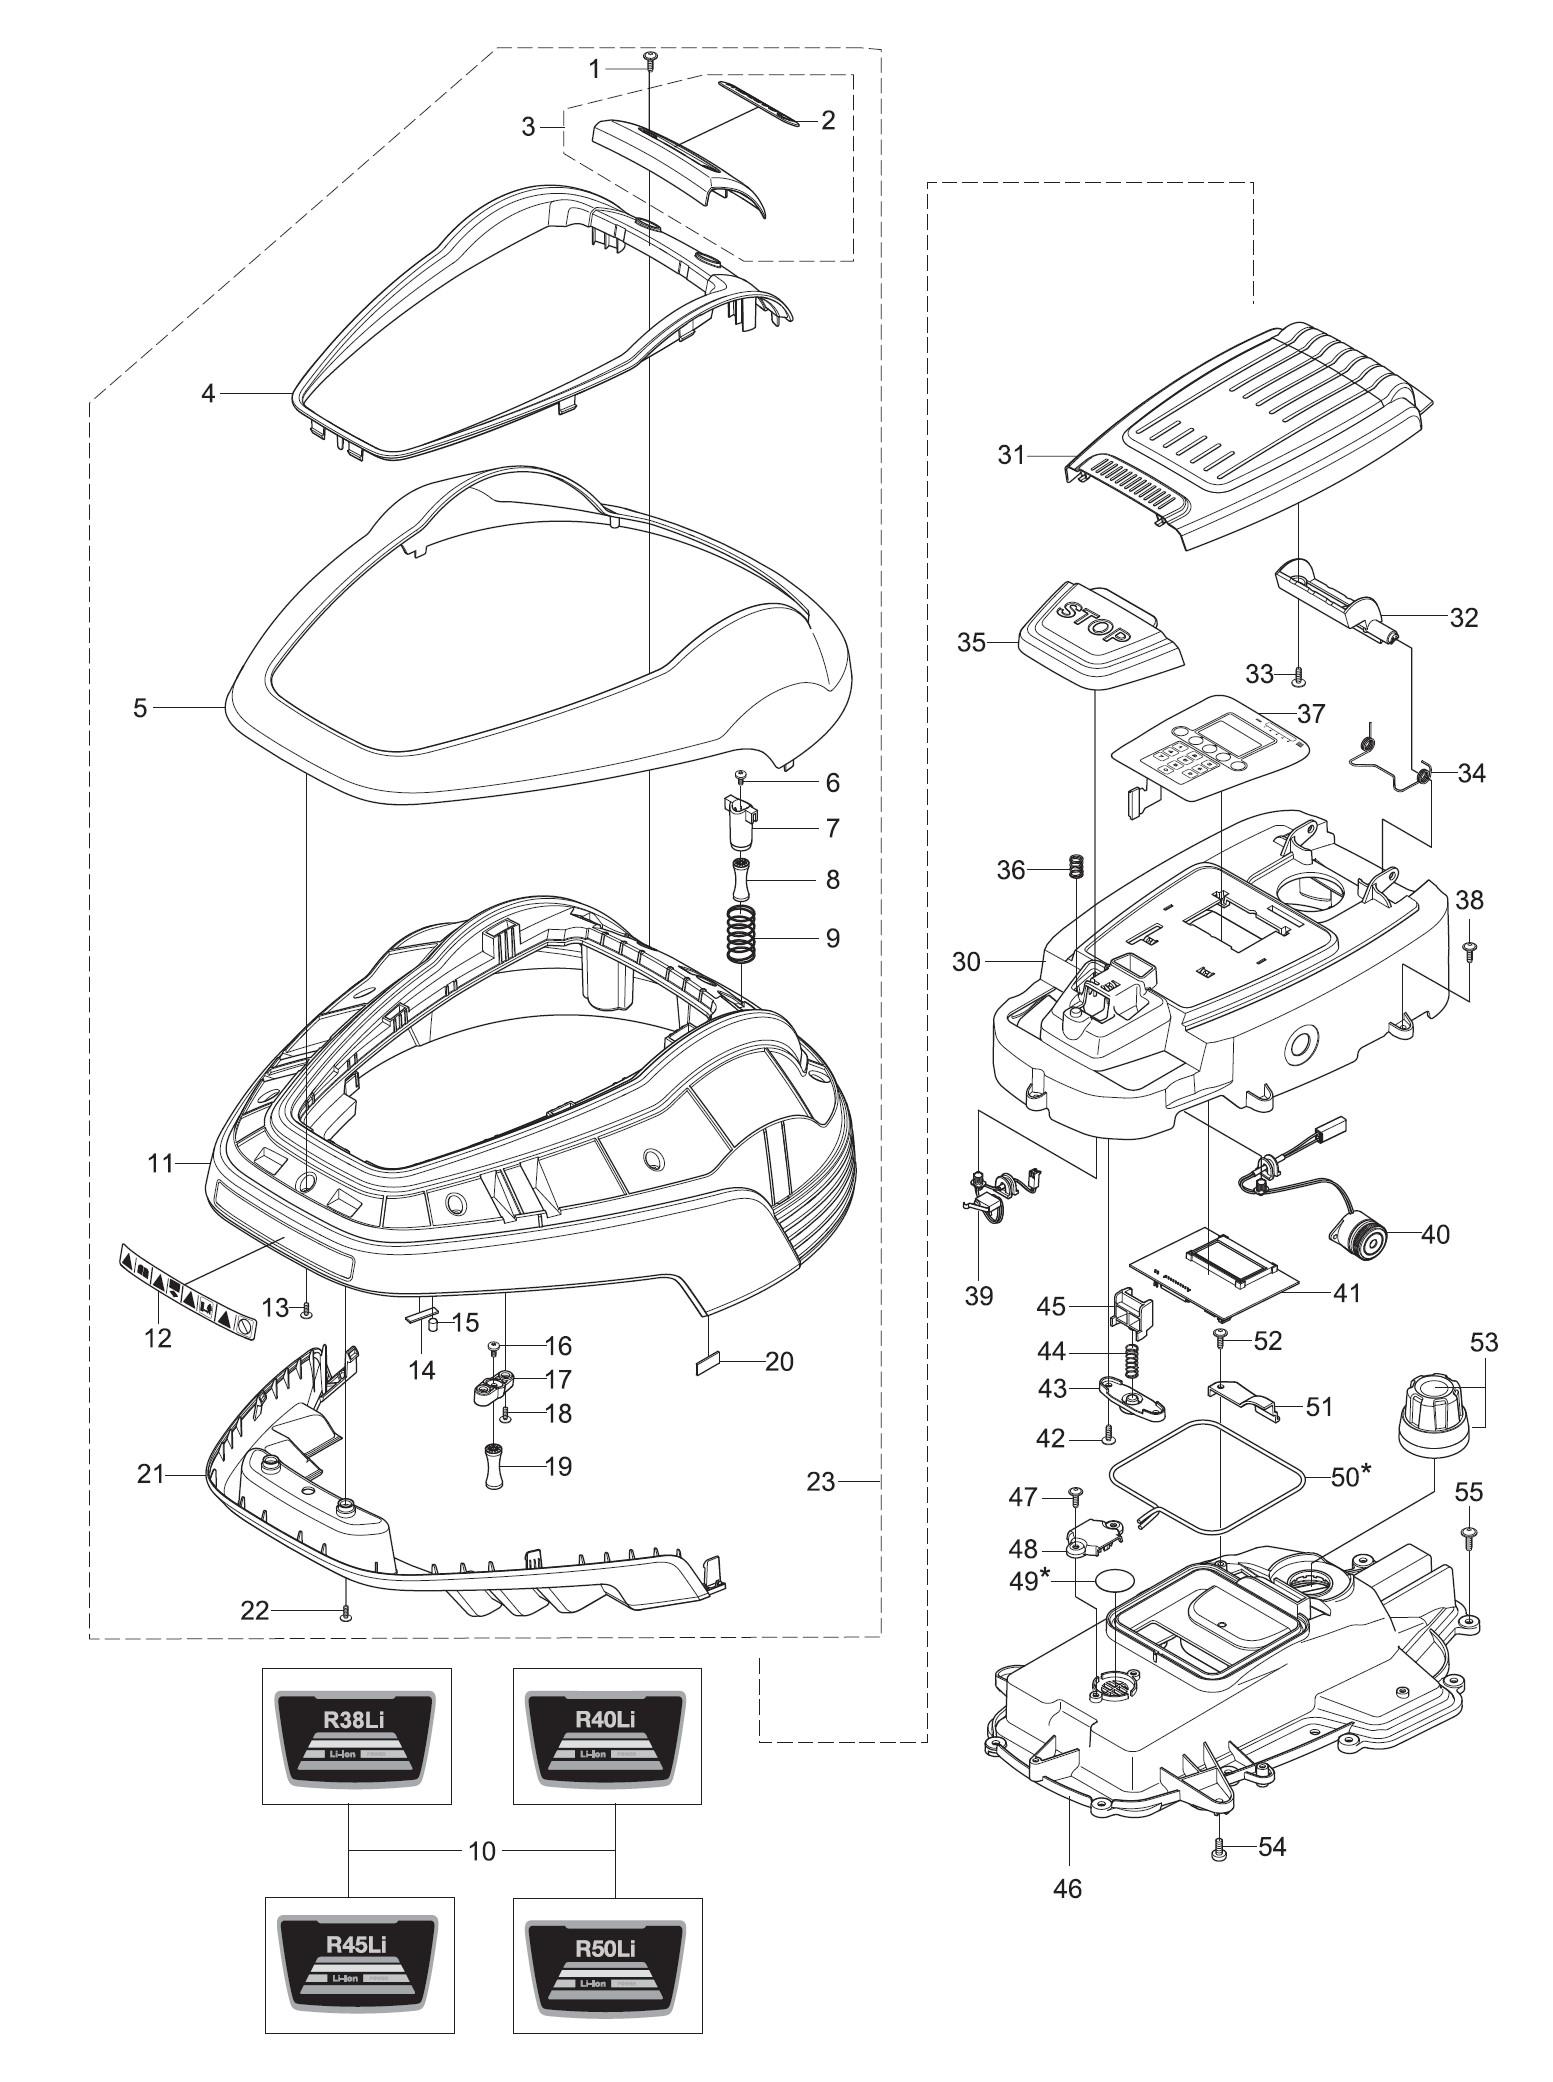 gardena ersatzteile oberteile m hroboter r38li 4071 35 baujahr 2012 2014 seriennummer bis. Black Bedroom Furniture Sets. Home Design Ideas